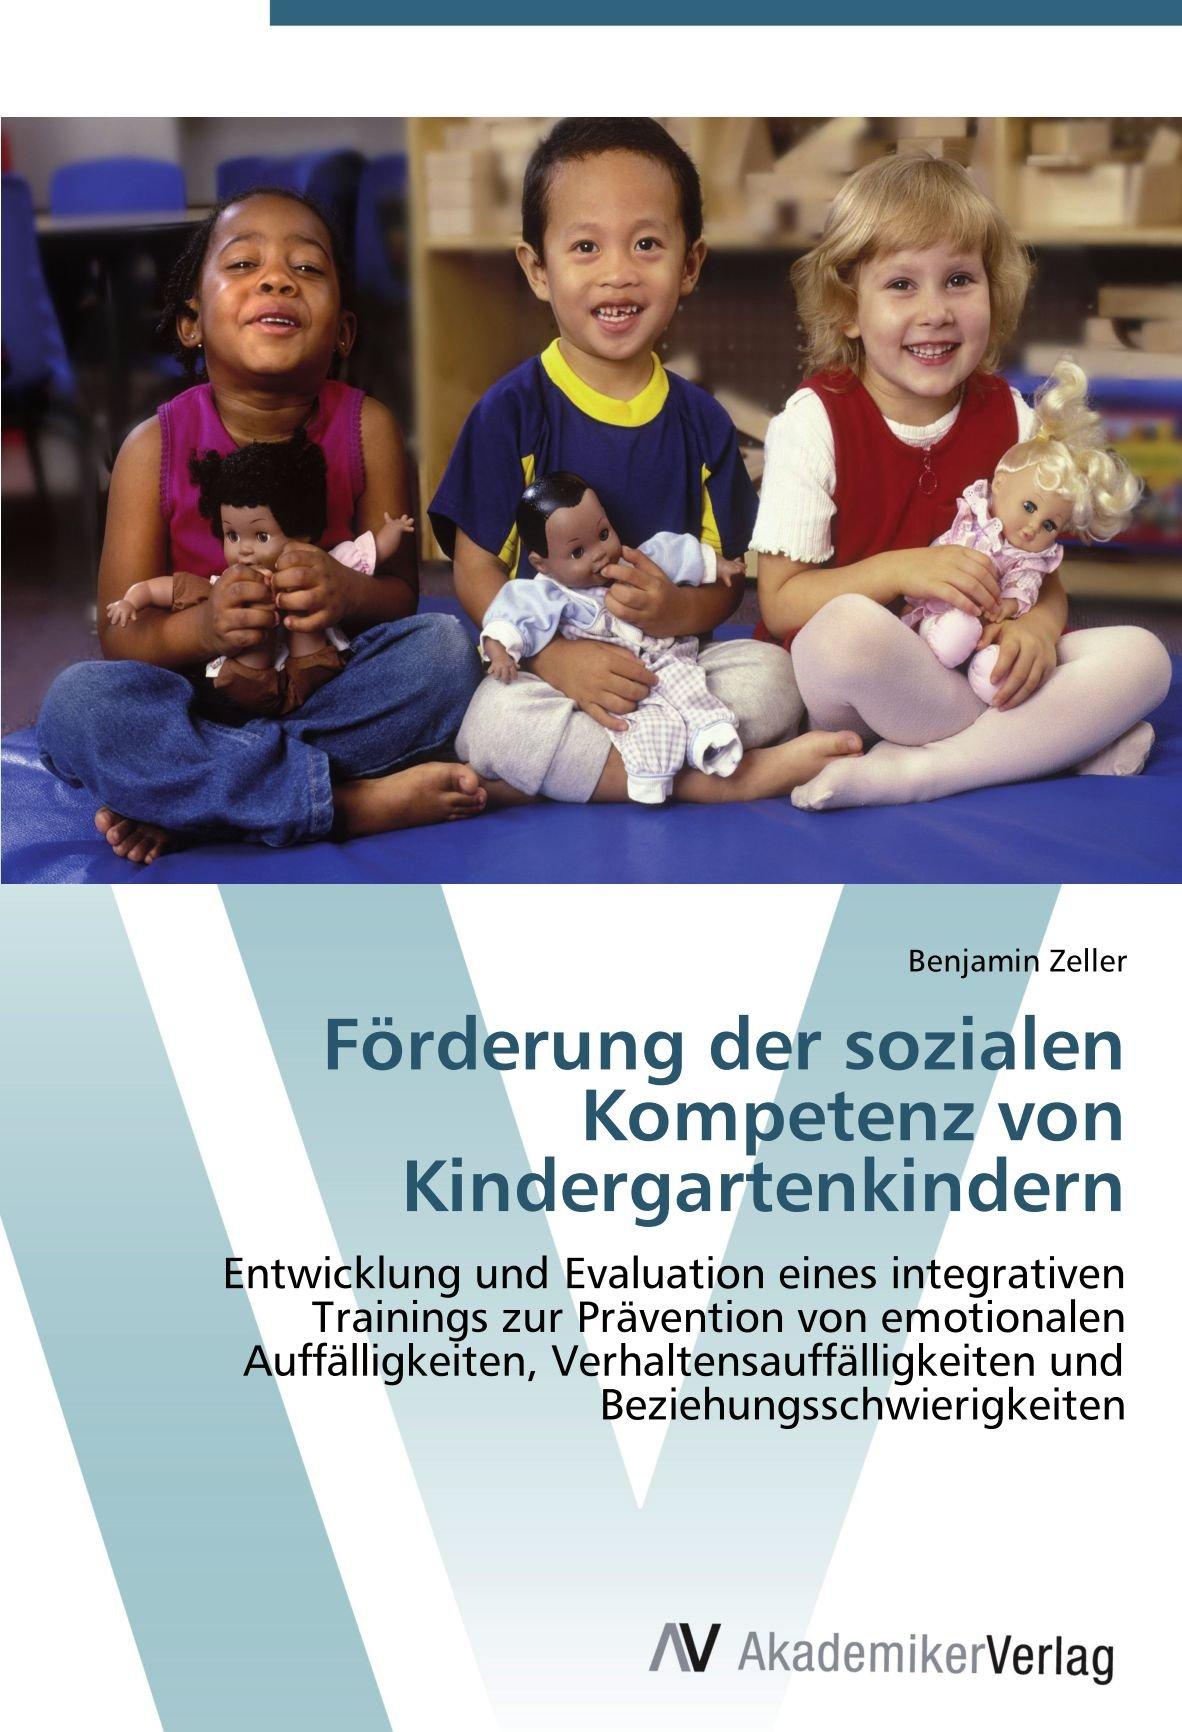 Förderung der sozialen Kompetenz von Kindergartenkindern: Entwicklung und Evaluation eines integrativen Trainings zur Prävention von emotionalen ... und Beziehungsschwierigkeiten